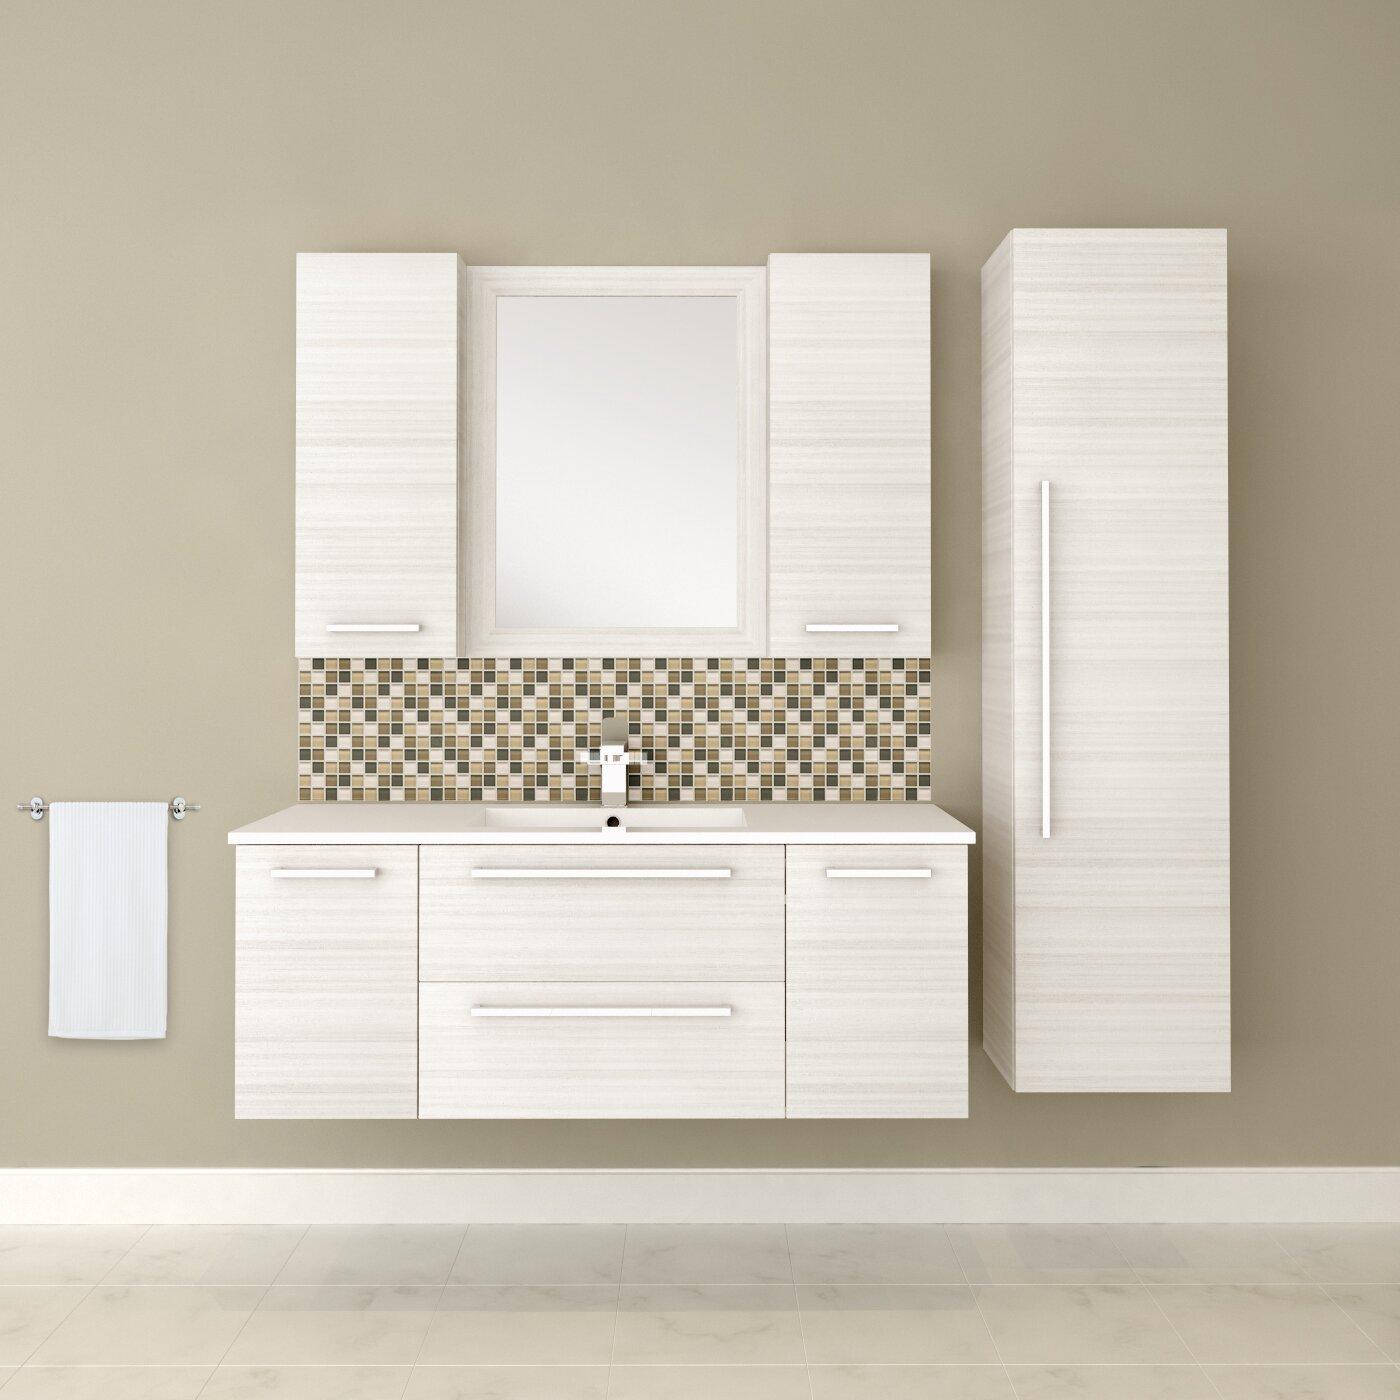 Kitchen Furniture Silhouette: Cutler Kitchen & Bath Silhouette Mirror & Reviews